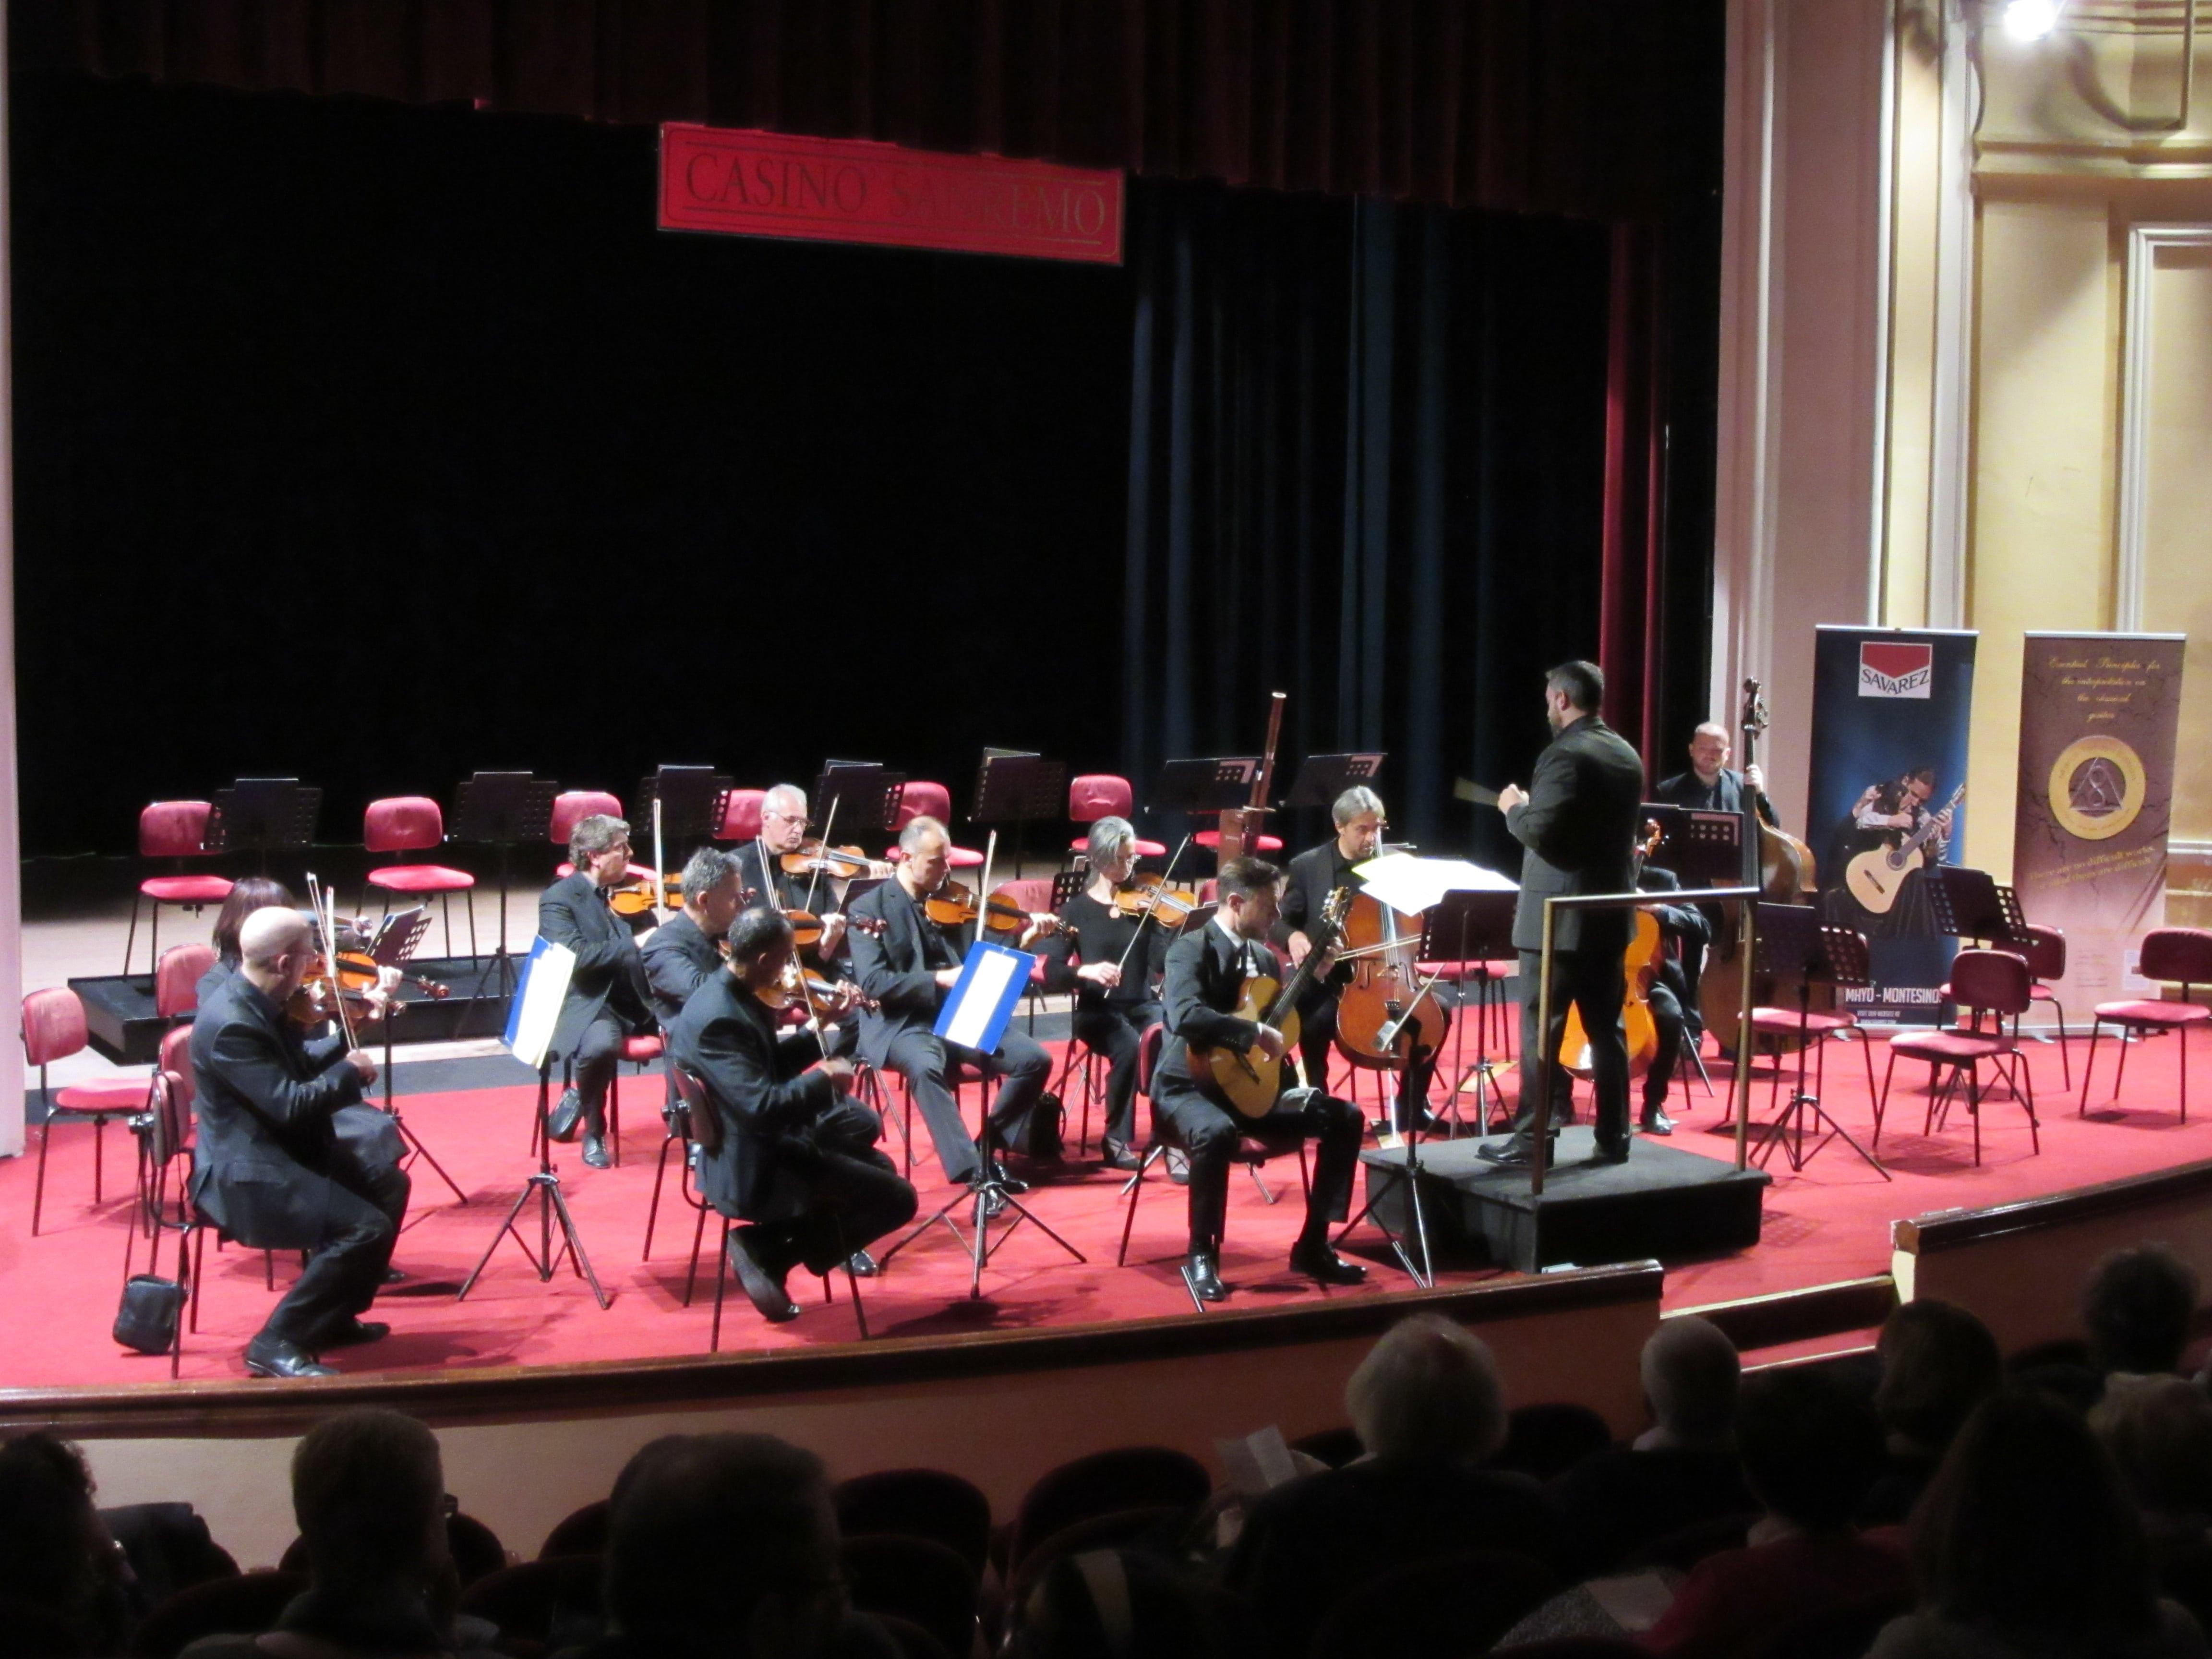 Proseguono gli appuntamenti internazionali con il Festival Chitarristico a Sanremo